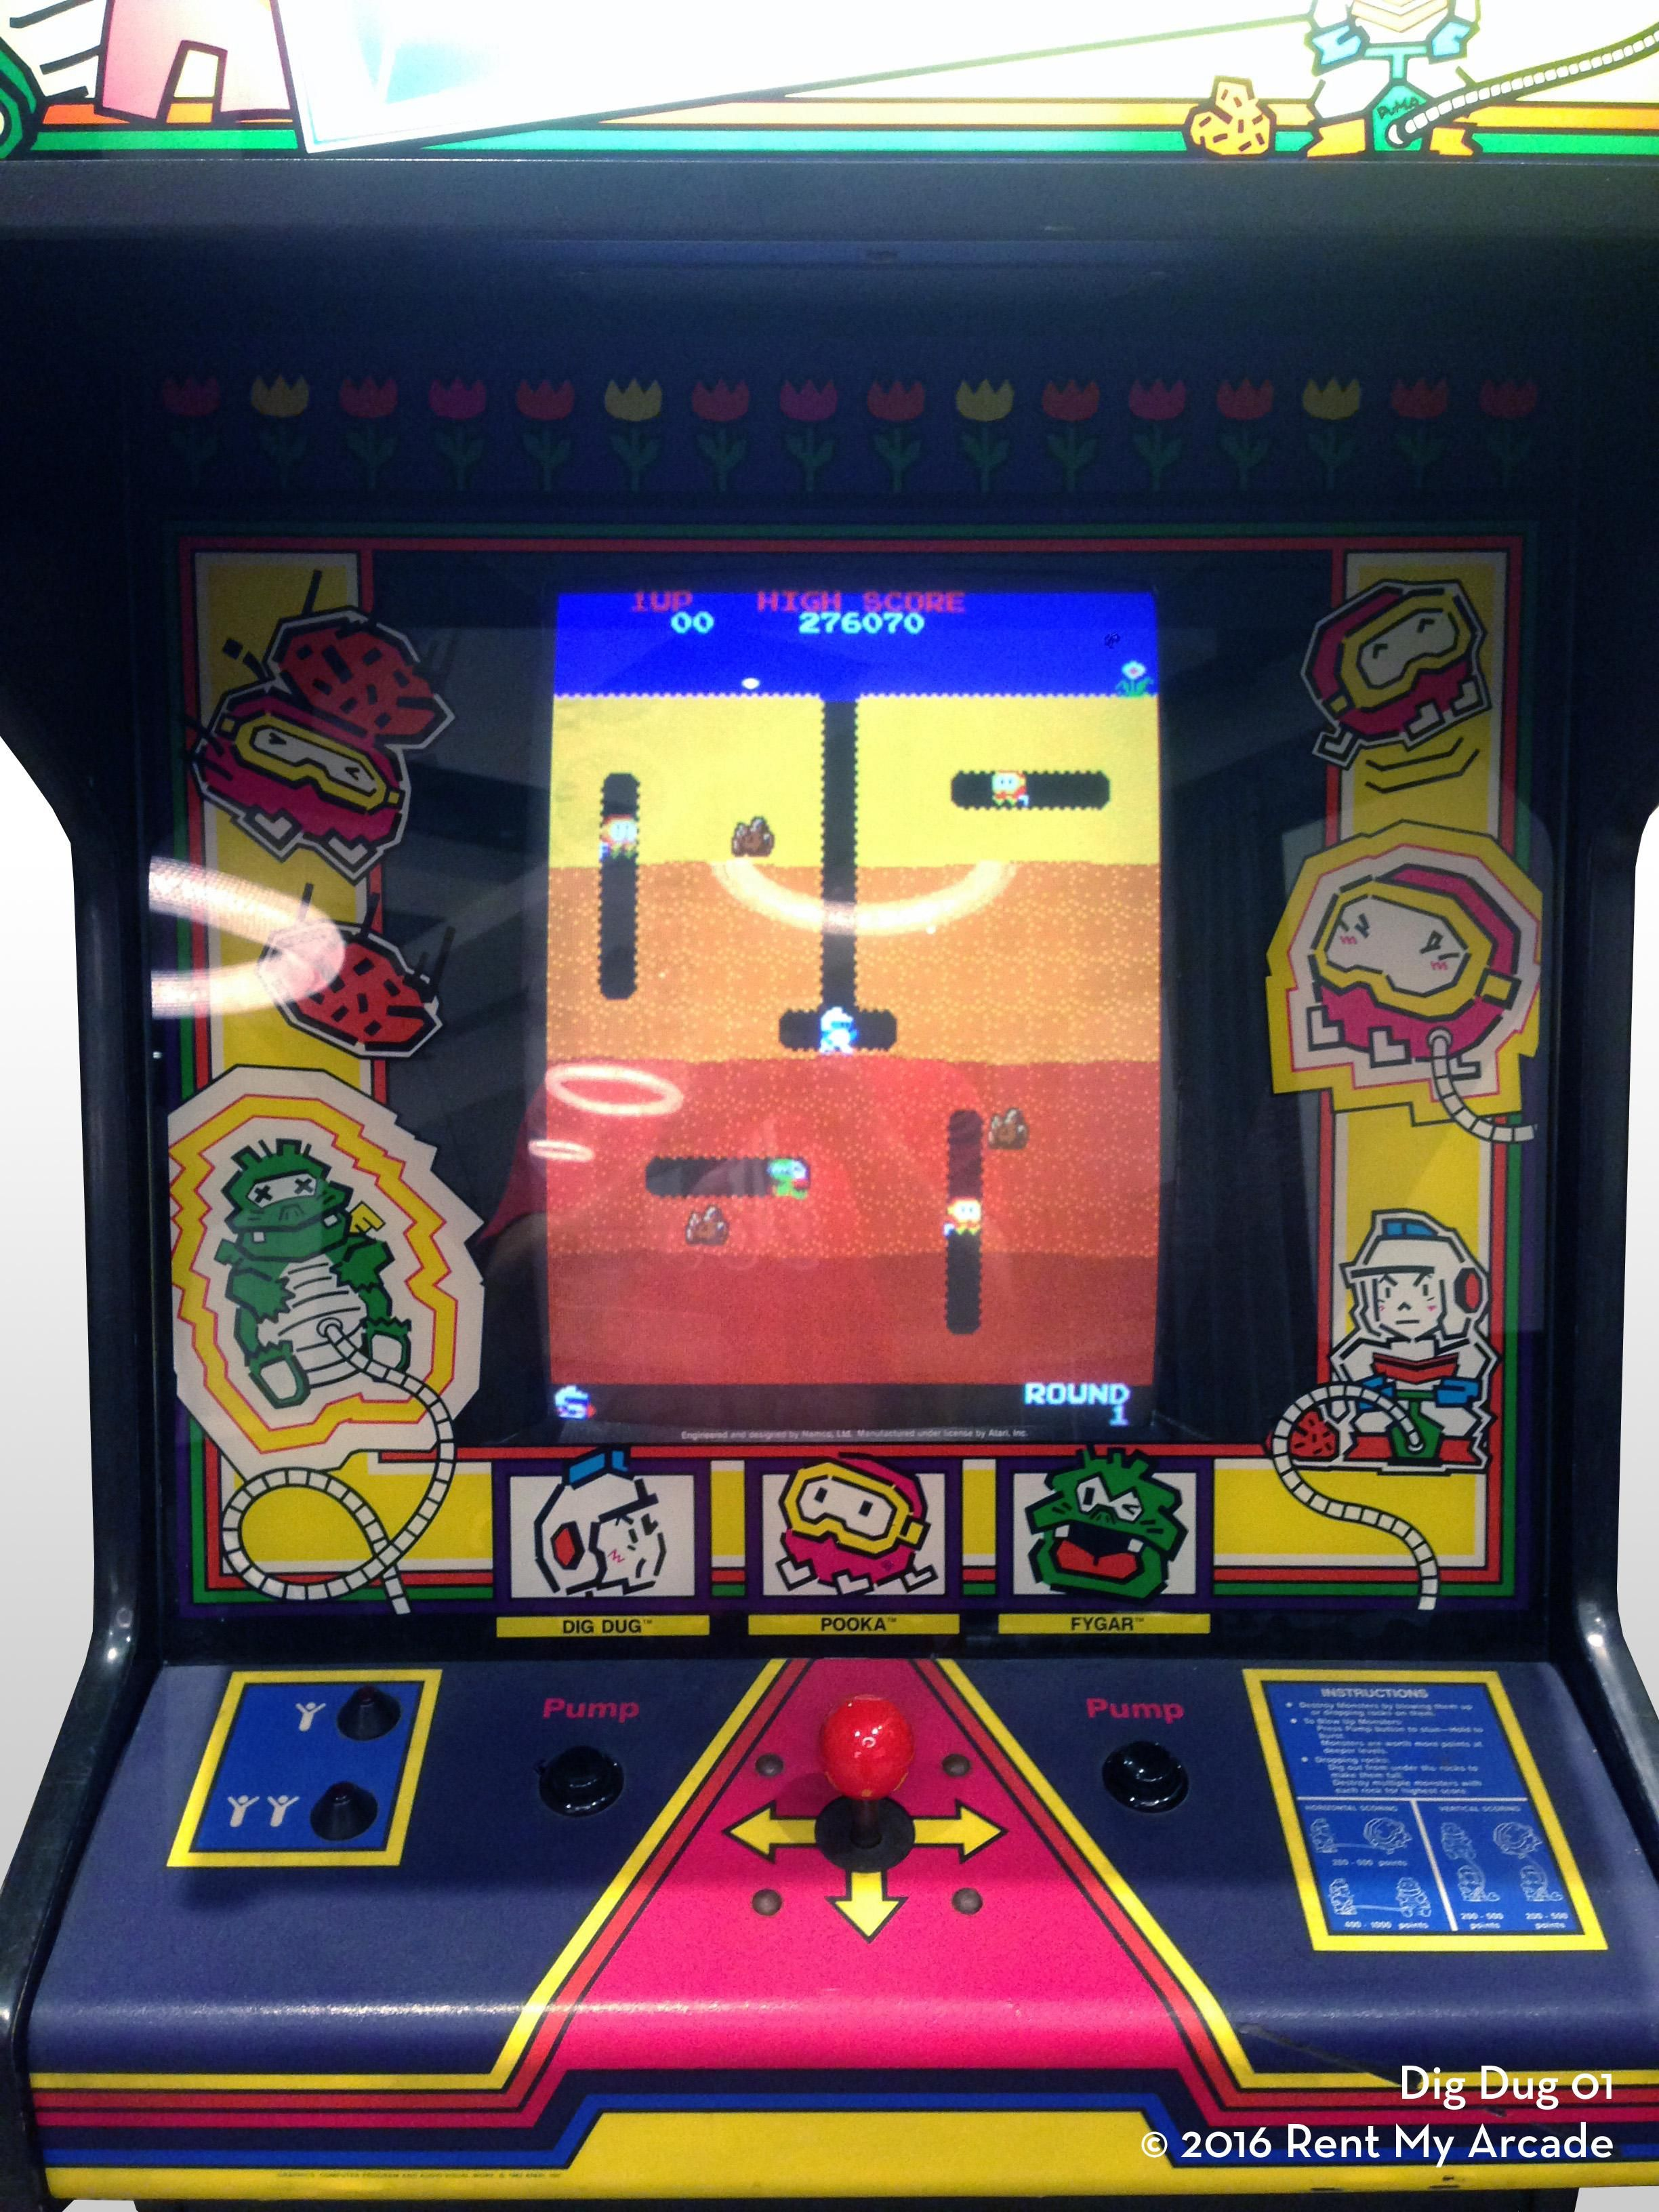 Image result for dig dug arcade Arcade, Arcade machine